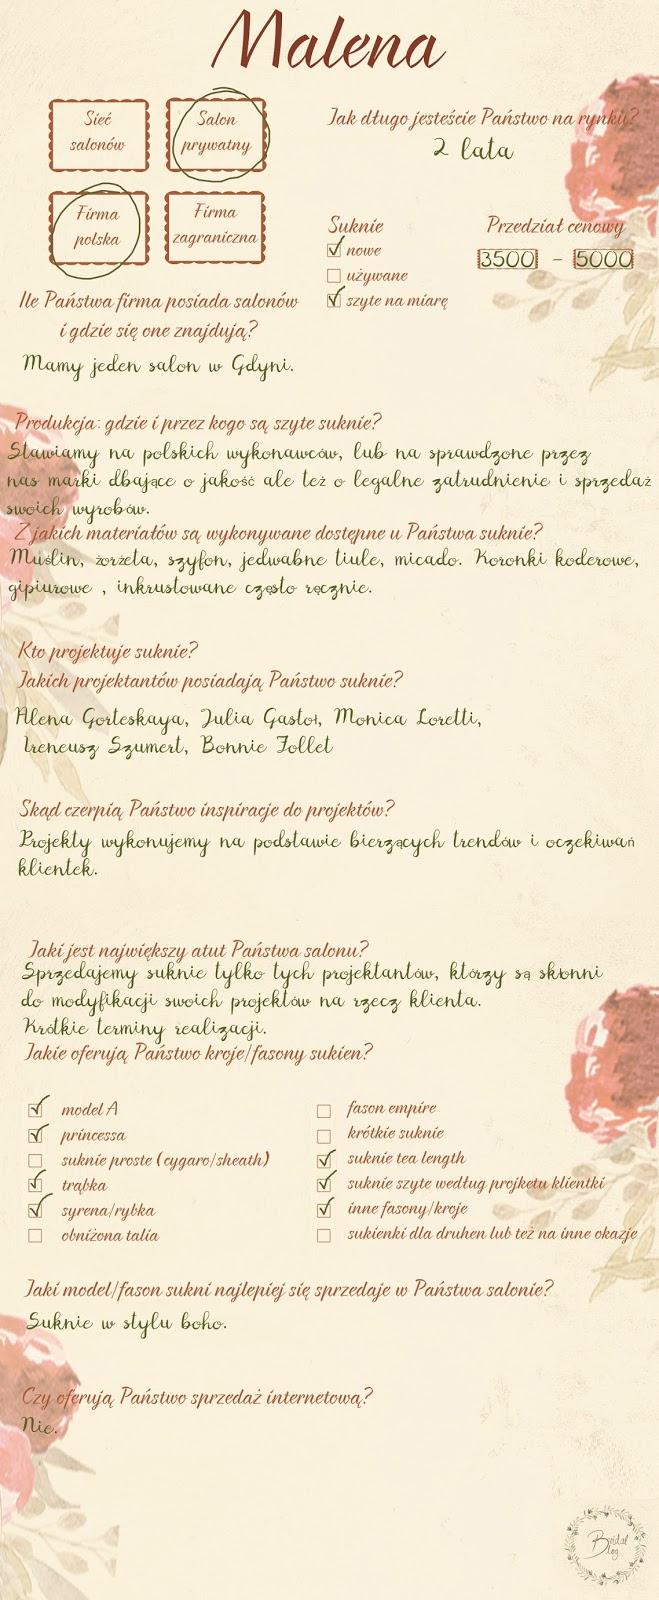 Formularz przedstawiający odpowiedzi na pytania dotyczące salonu sukien ślubnych. Salon: Malena.